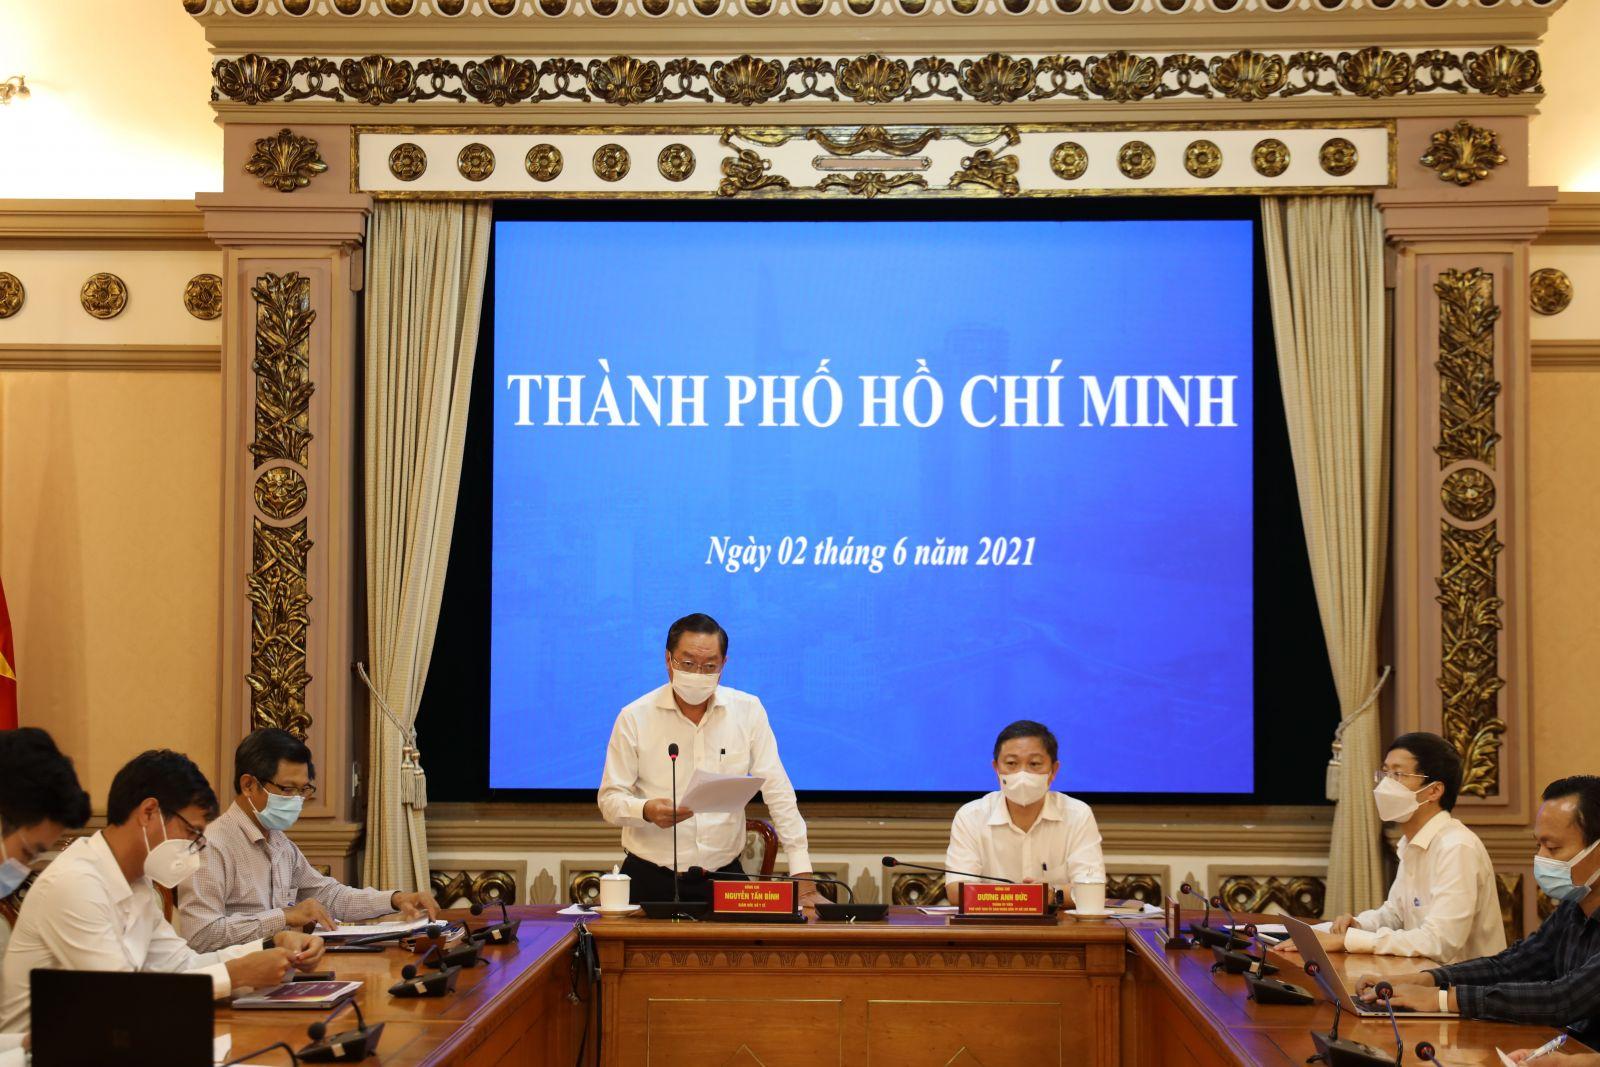 Cuộc họp ở đầu cầu TPHCM ngày 02/06/2021 giữa lúc dịch bệnh đang bùng phát mạnh tại địa phương .